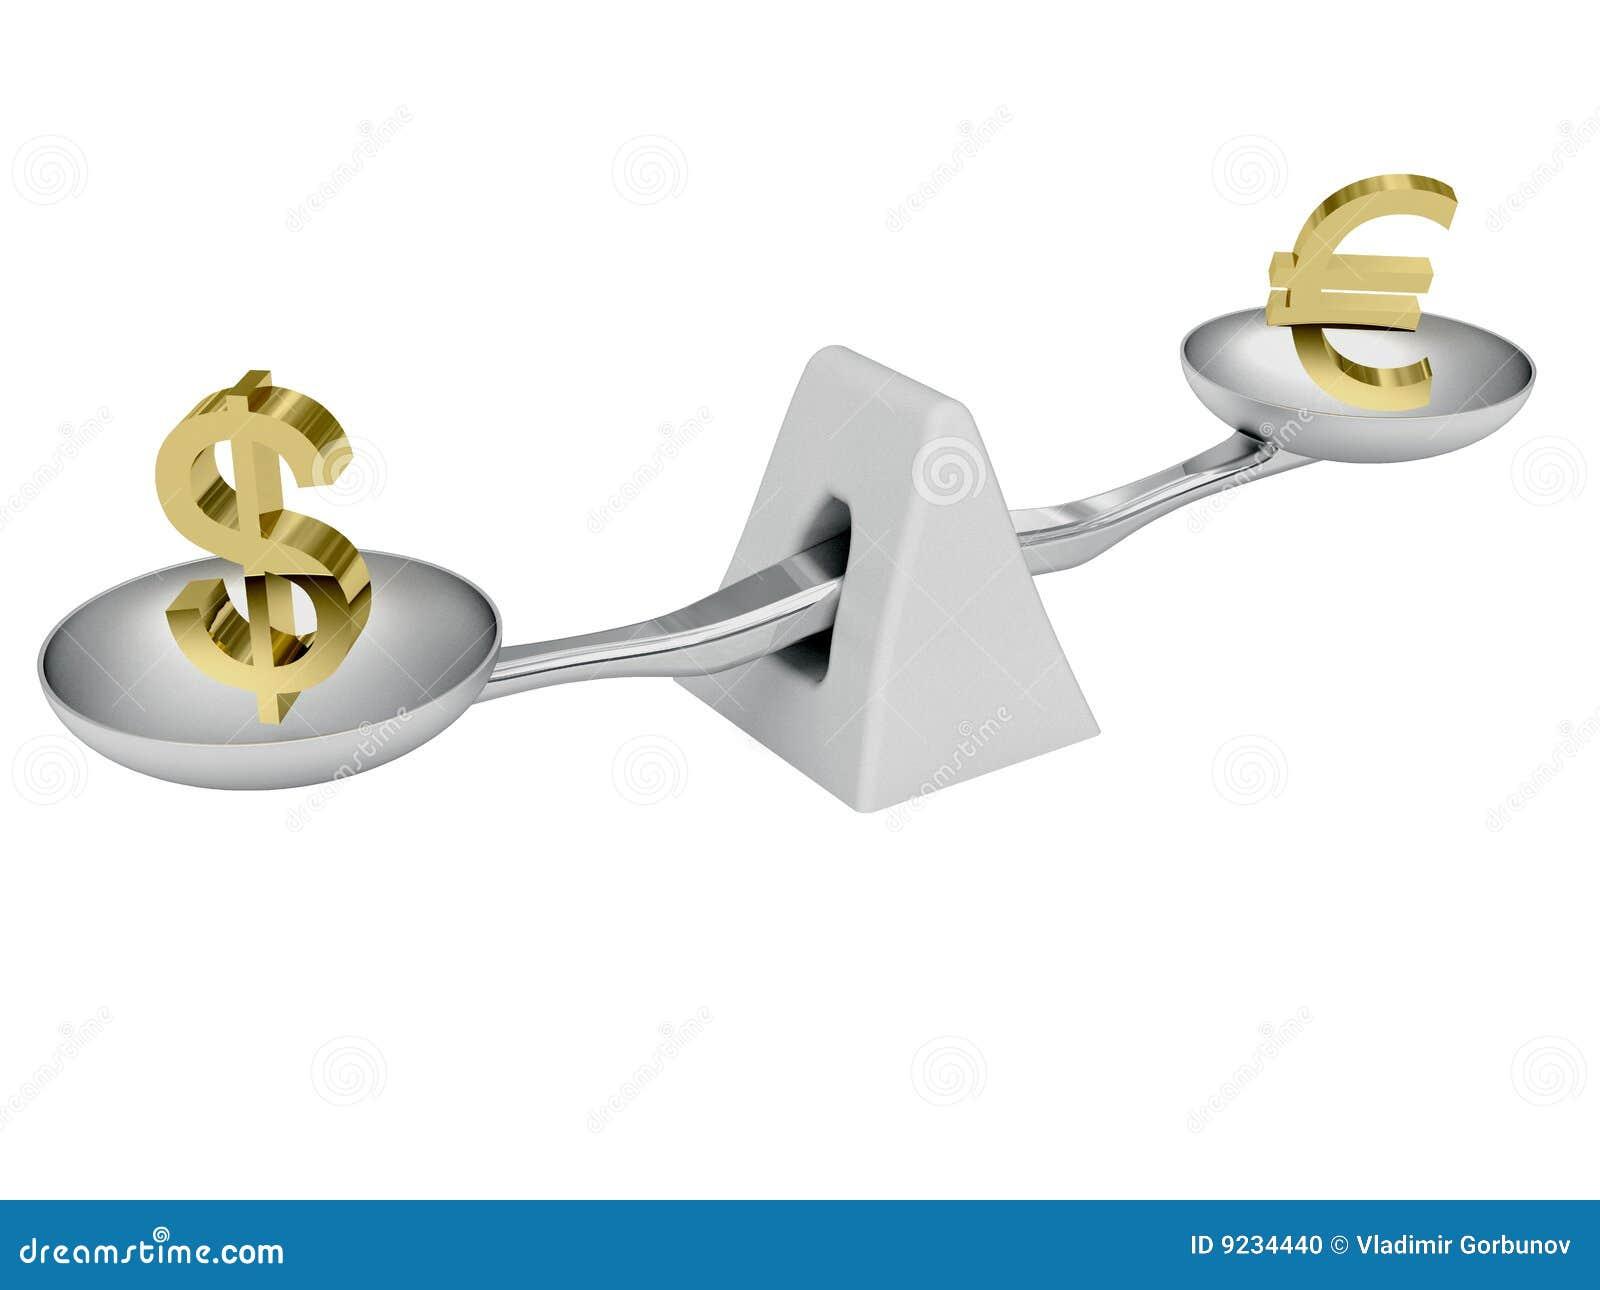 Cotação Dólar: